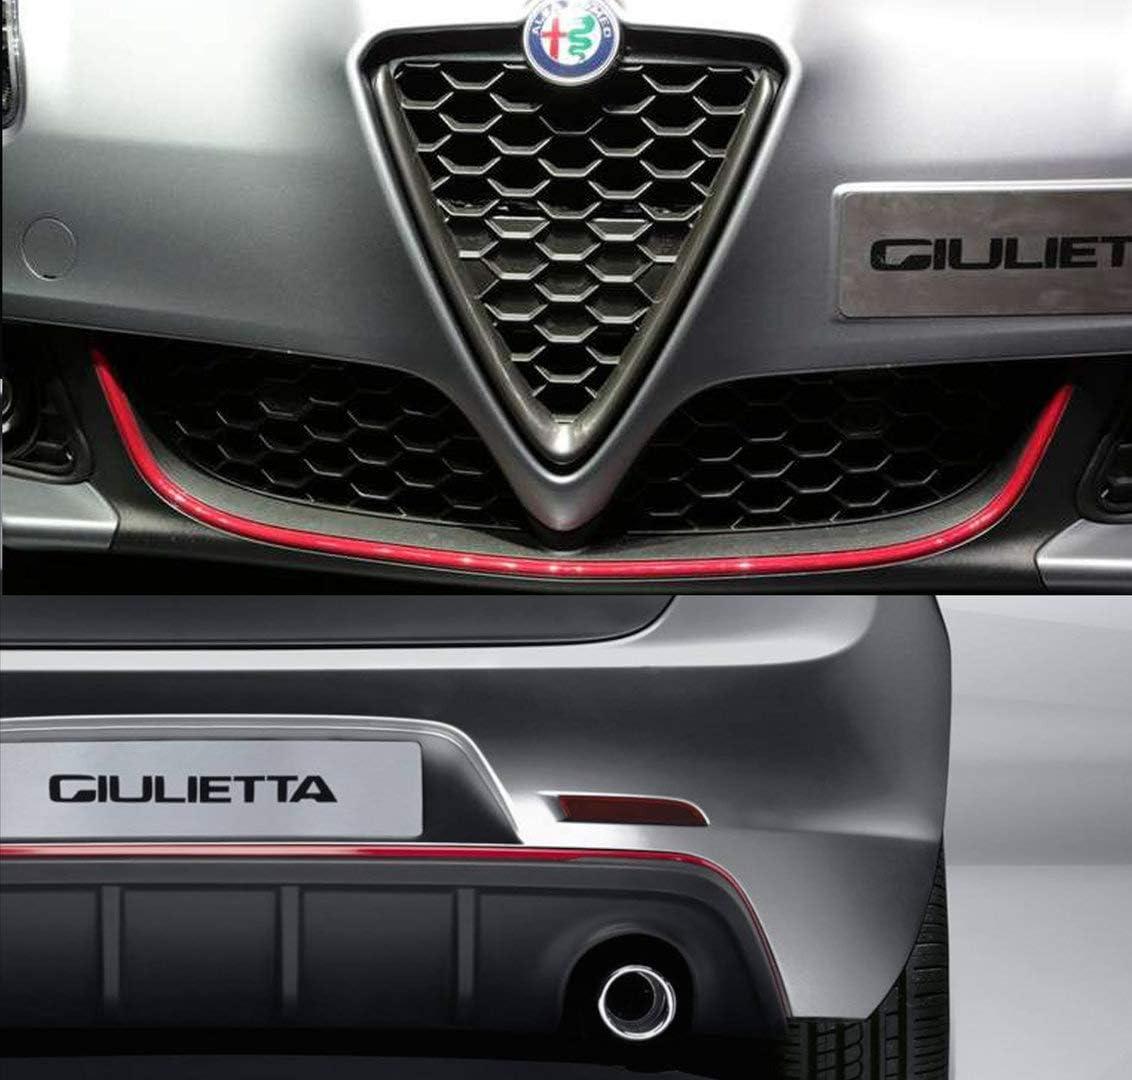 Quattroerre 19962 Profil Rot Aufkleber Für Stoßstange Full Vorne Hinten Alfa Giulietta Auto